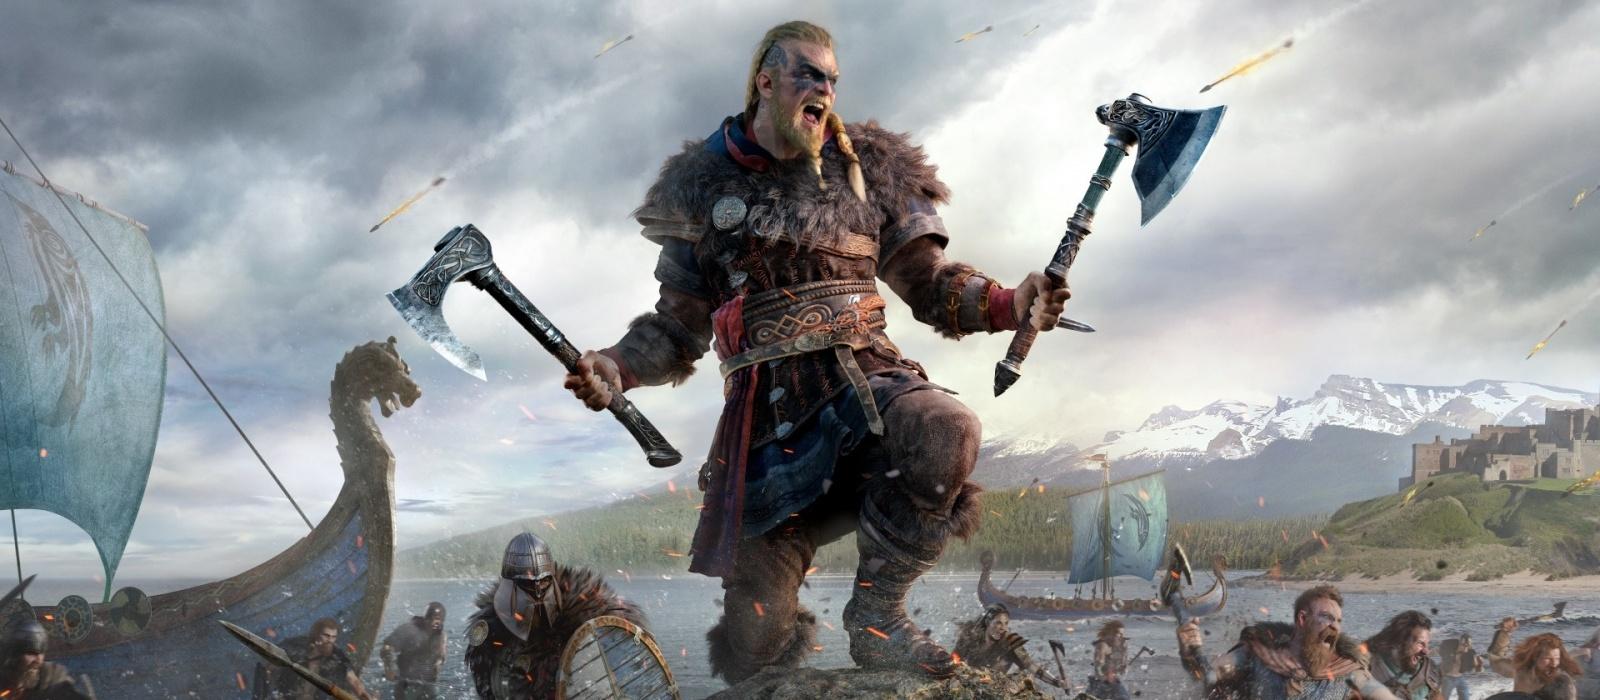 Battle: high-budget Assassin's Creed Valhalla versus daring Valheim